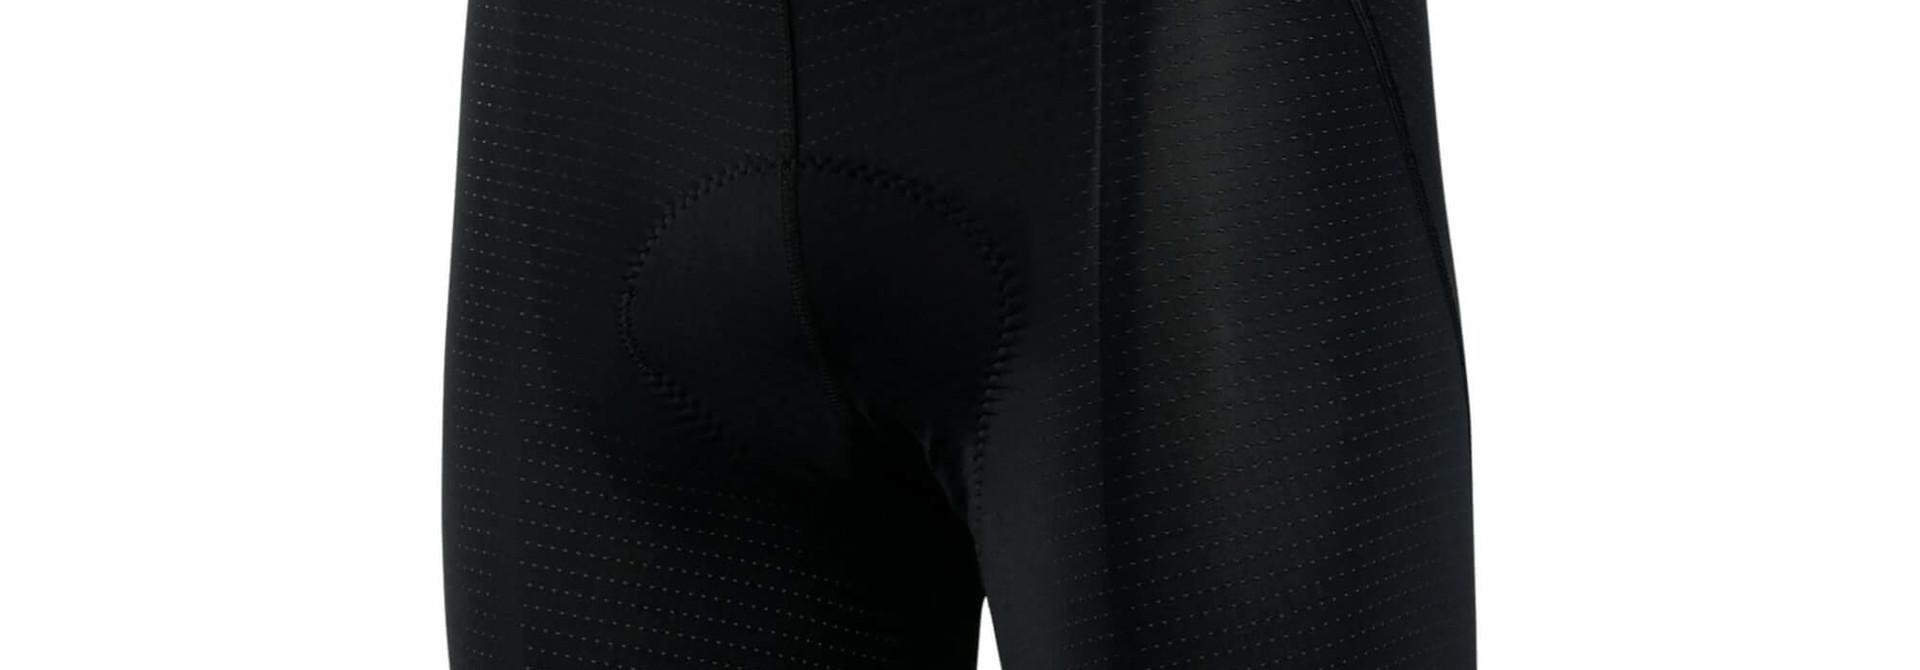 Crux Men's Liner Short Black